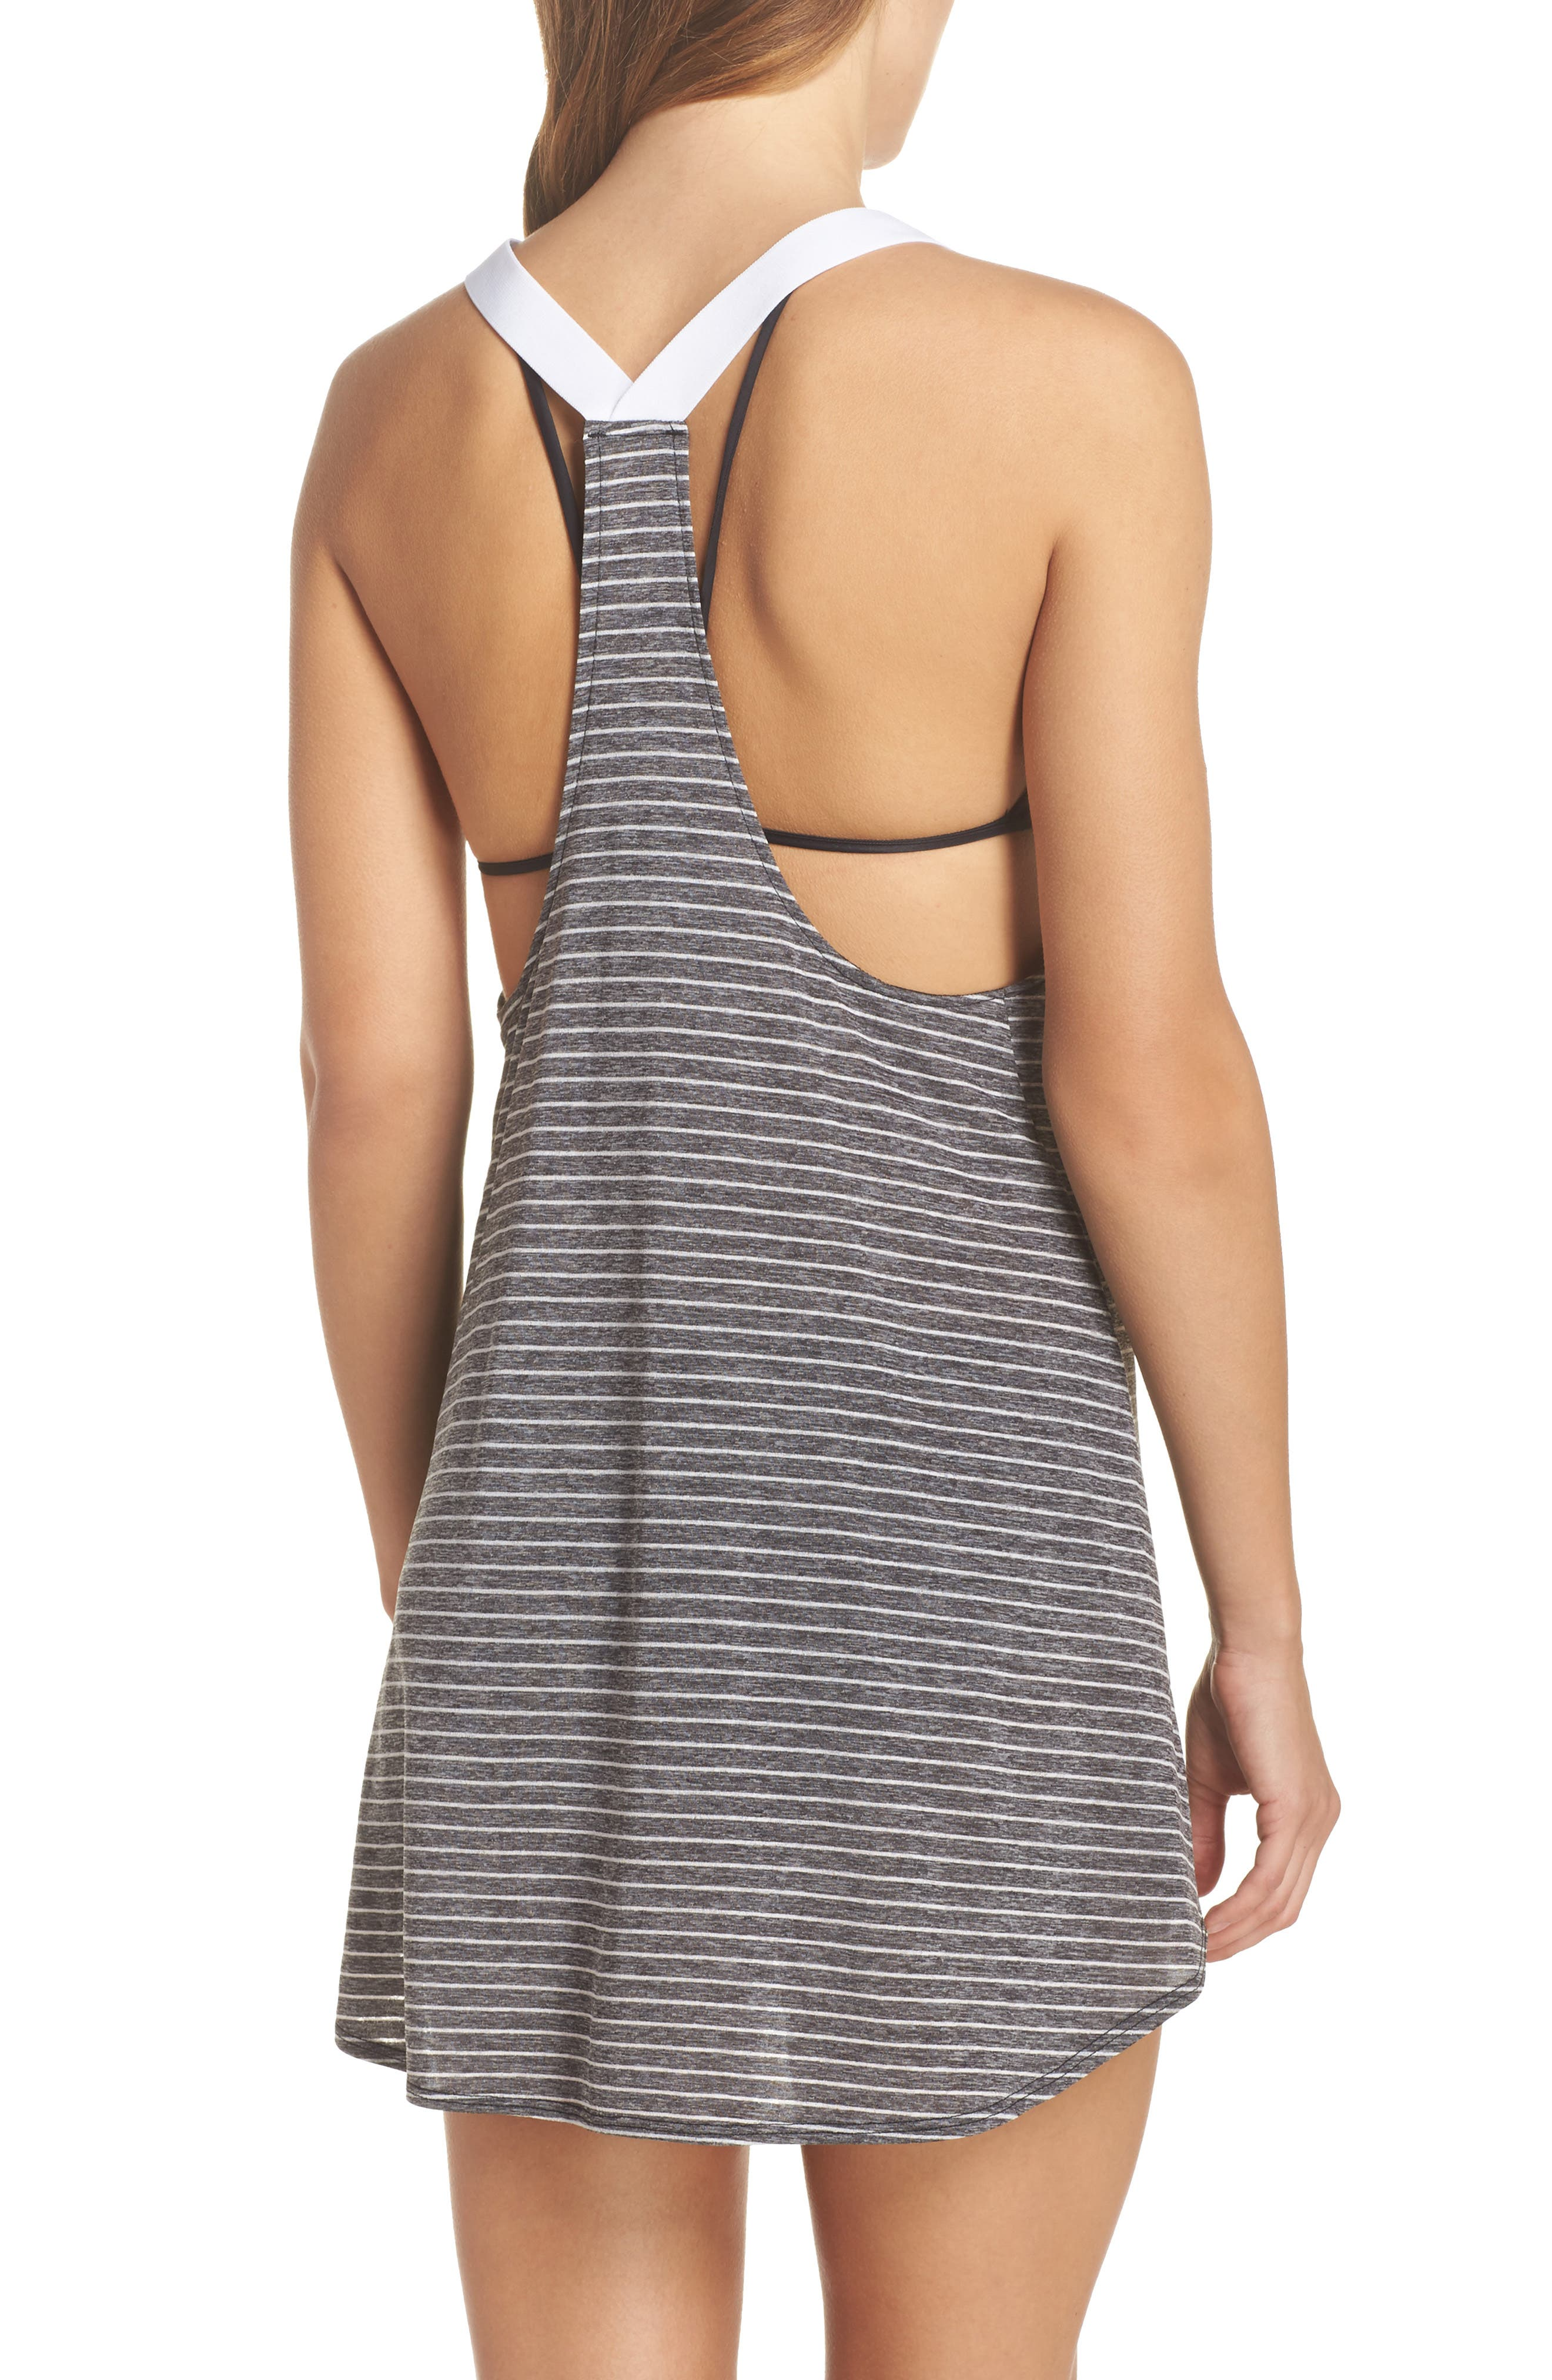 NIKE,                             Swim Cover-Up Dress,                             Alternate thumbnail 2, color,                             001